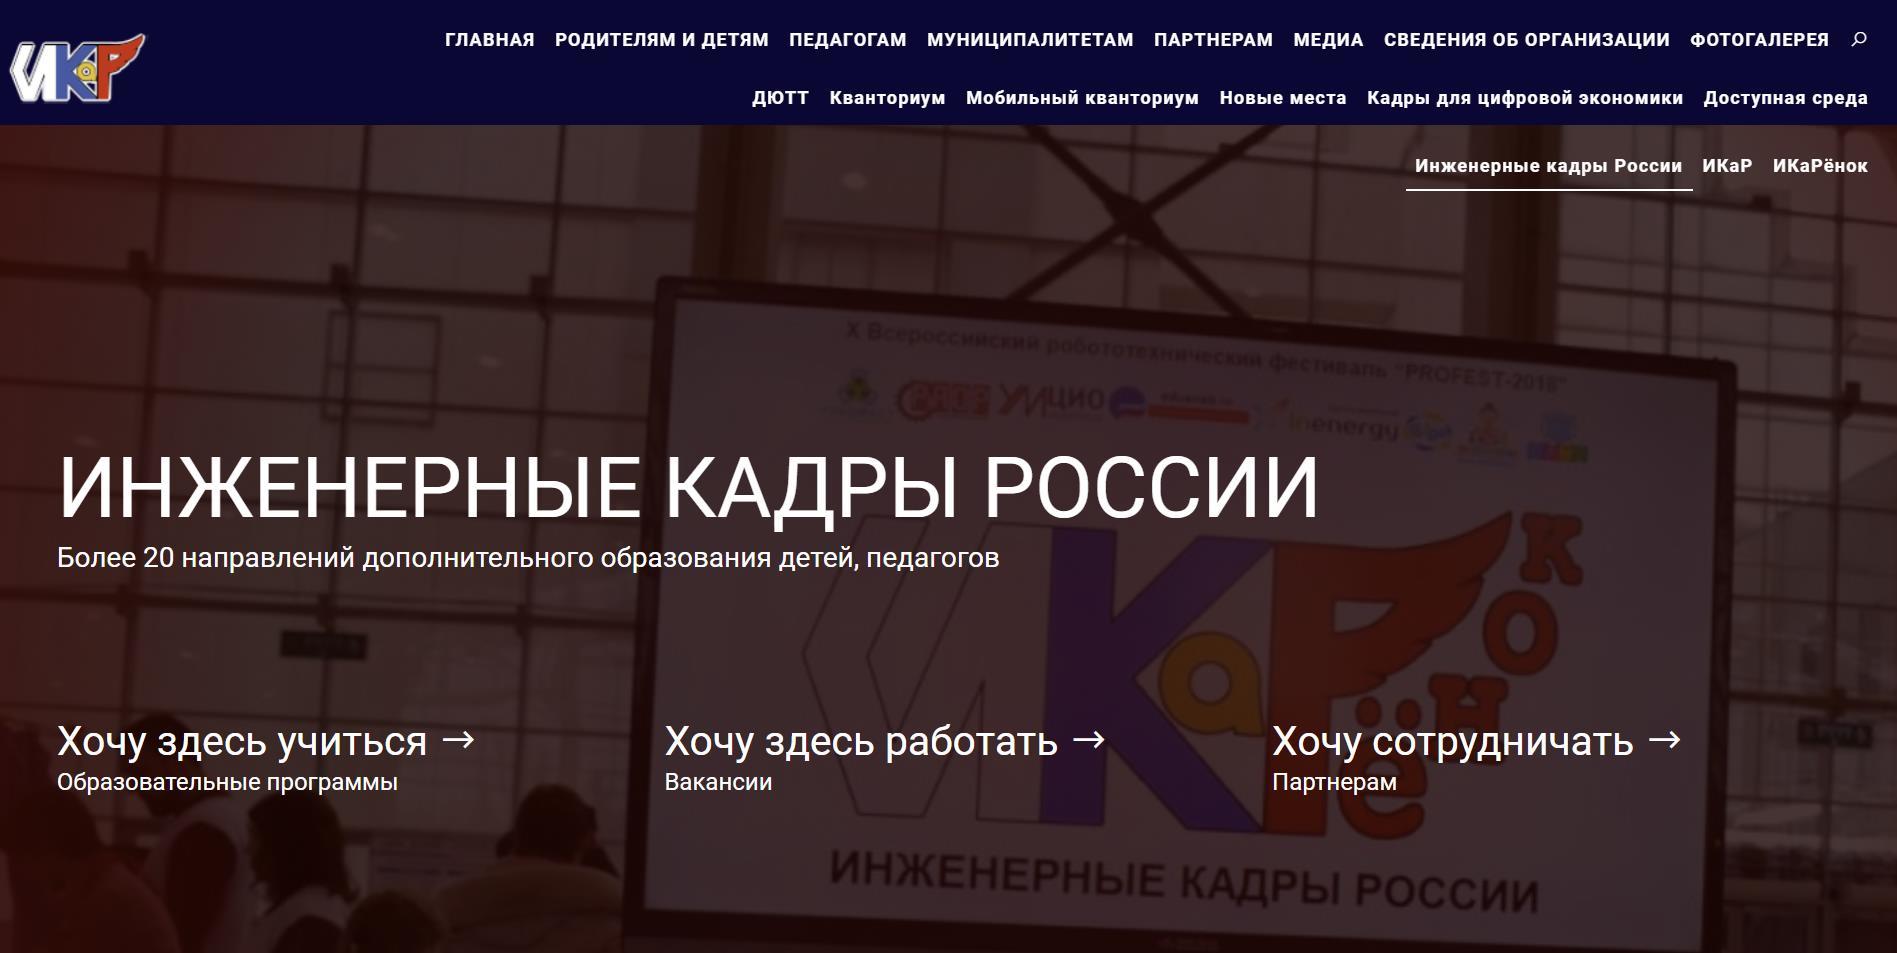 Сайт Инженерные кадры России